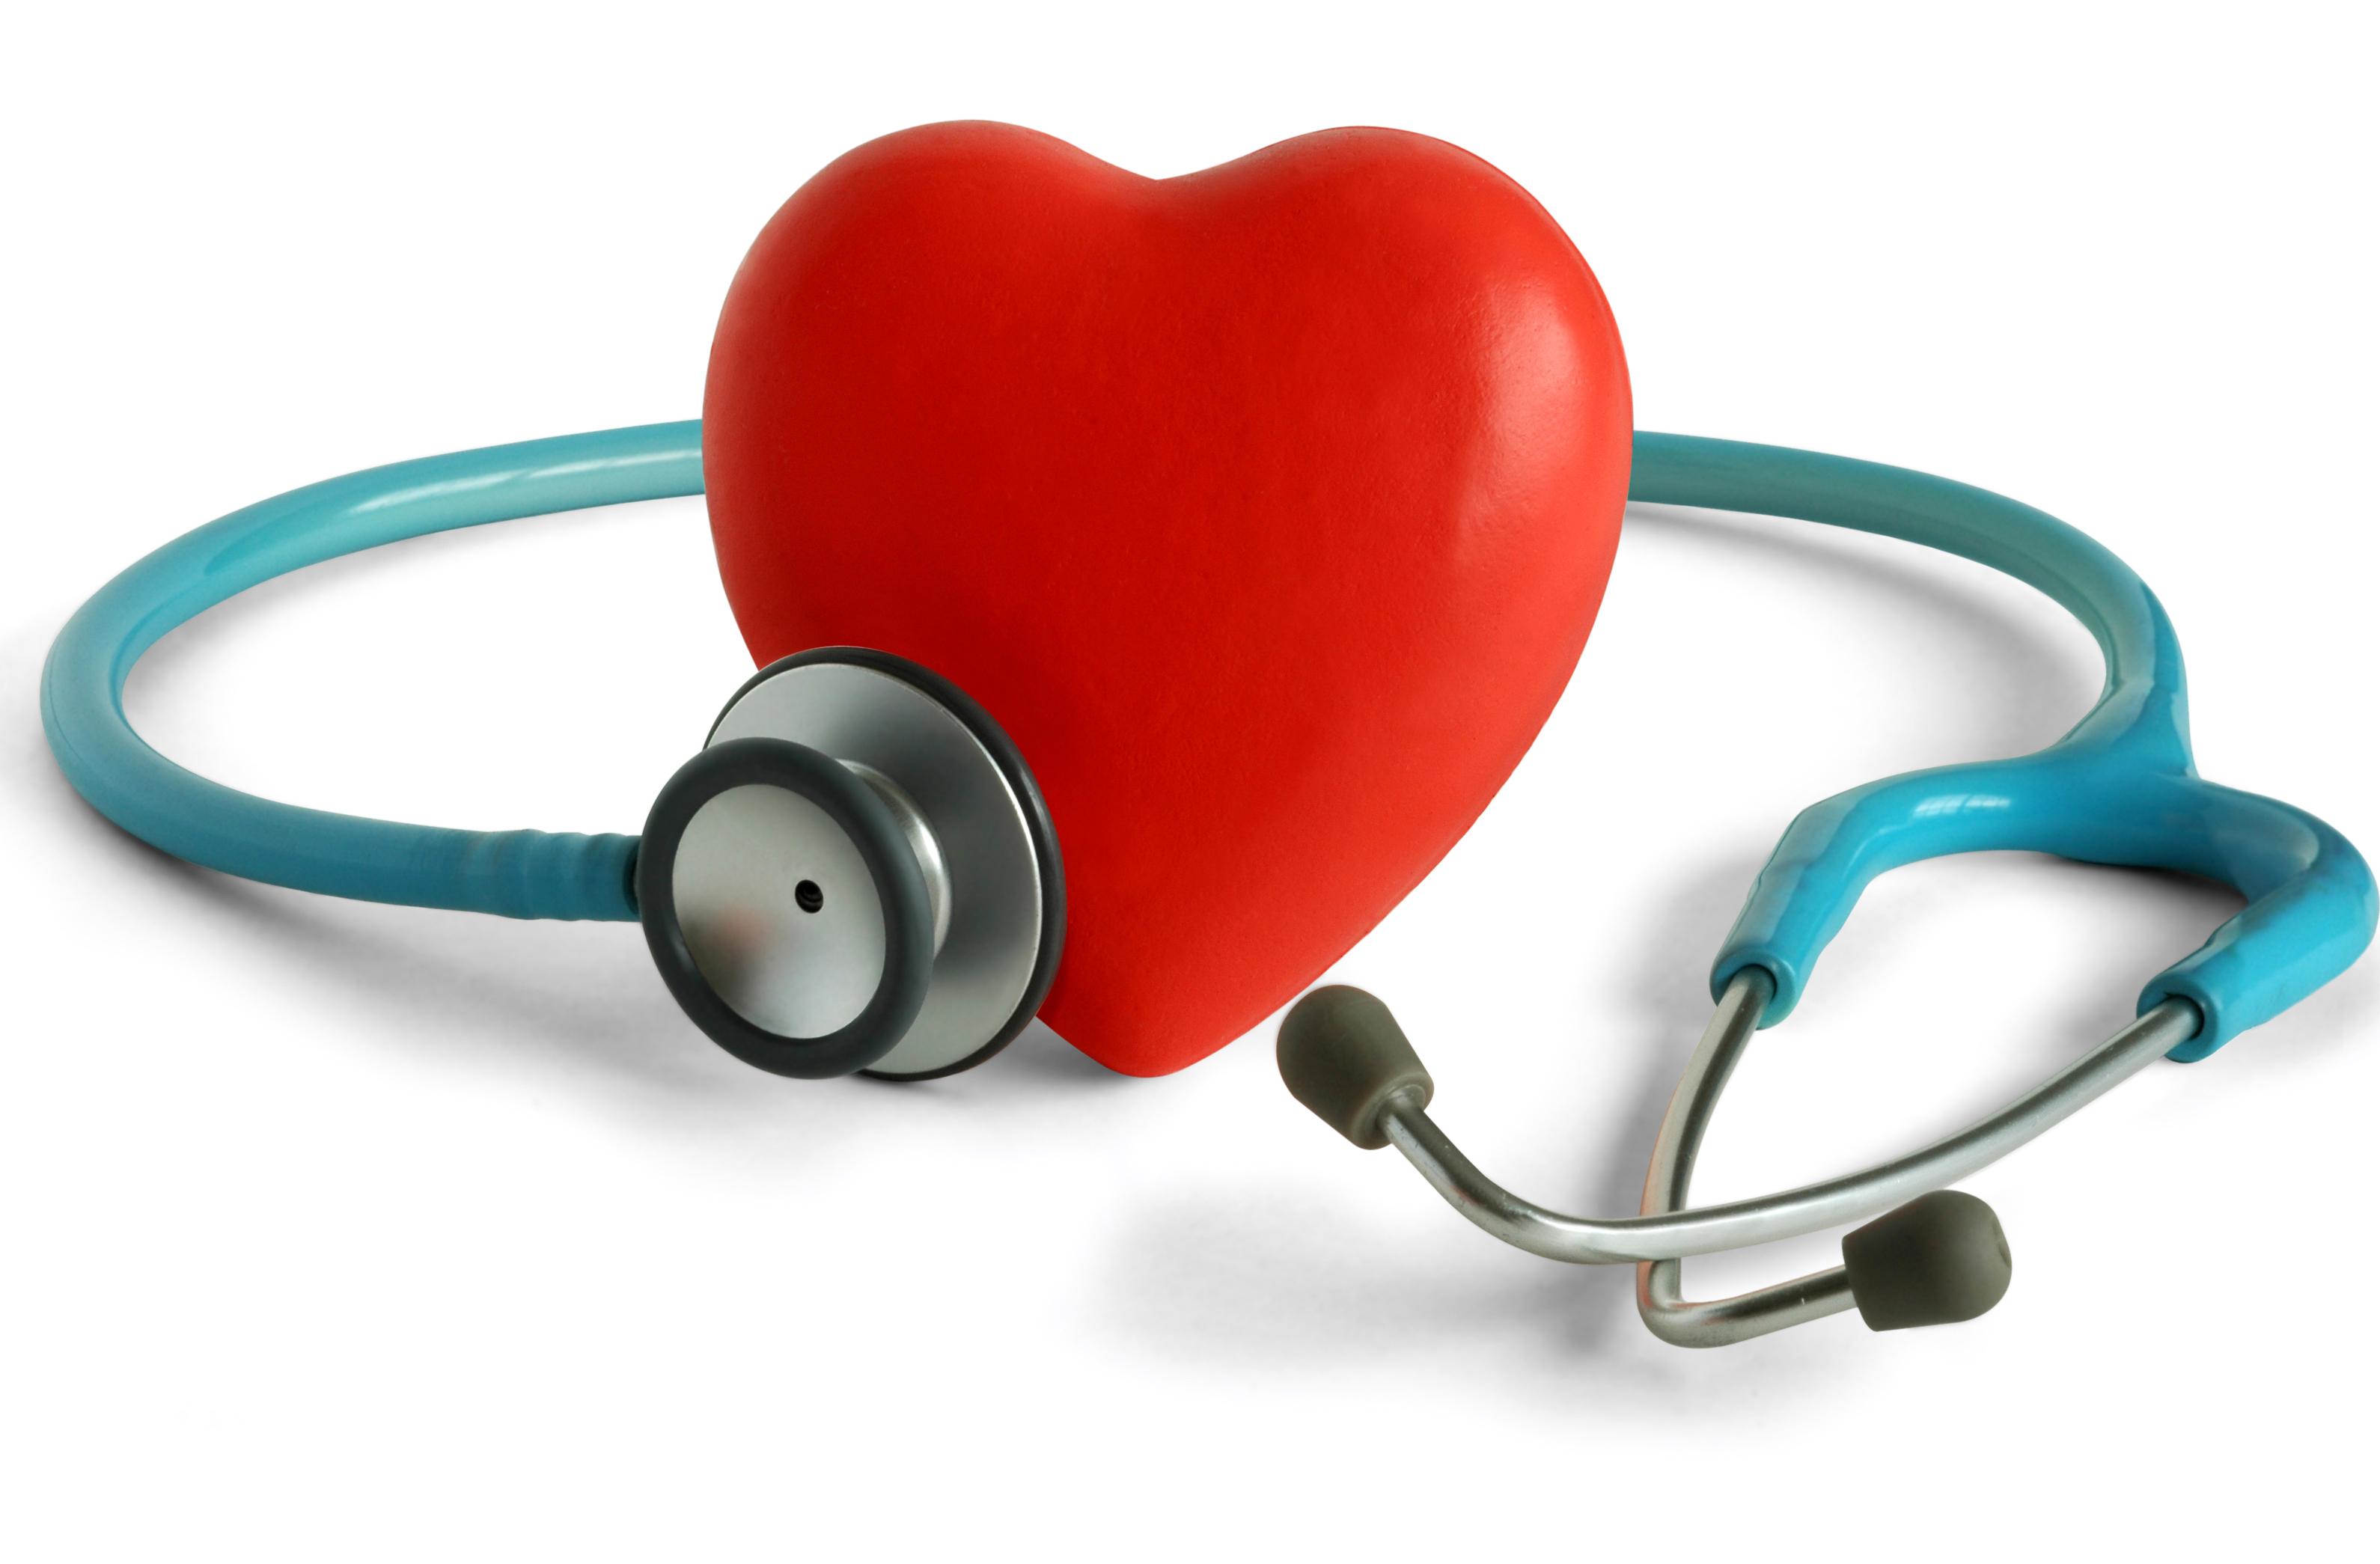 vaistininkas nuo hipertenzijos gydomasis badavimas sergant hipertenzija